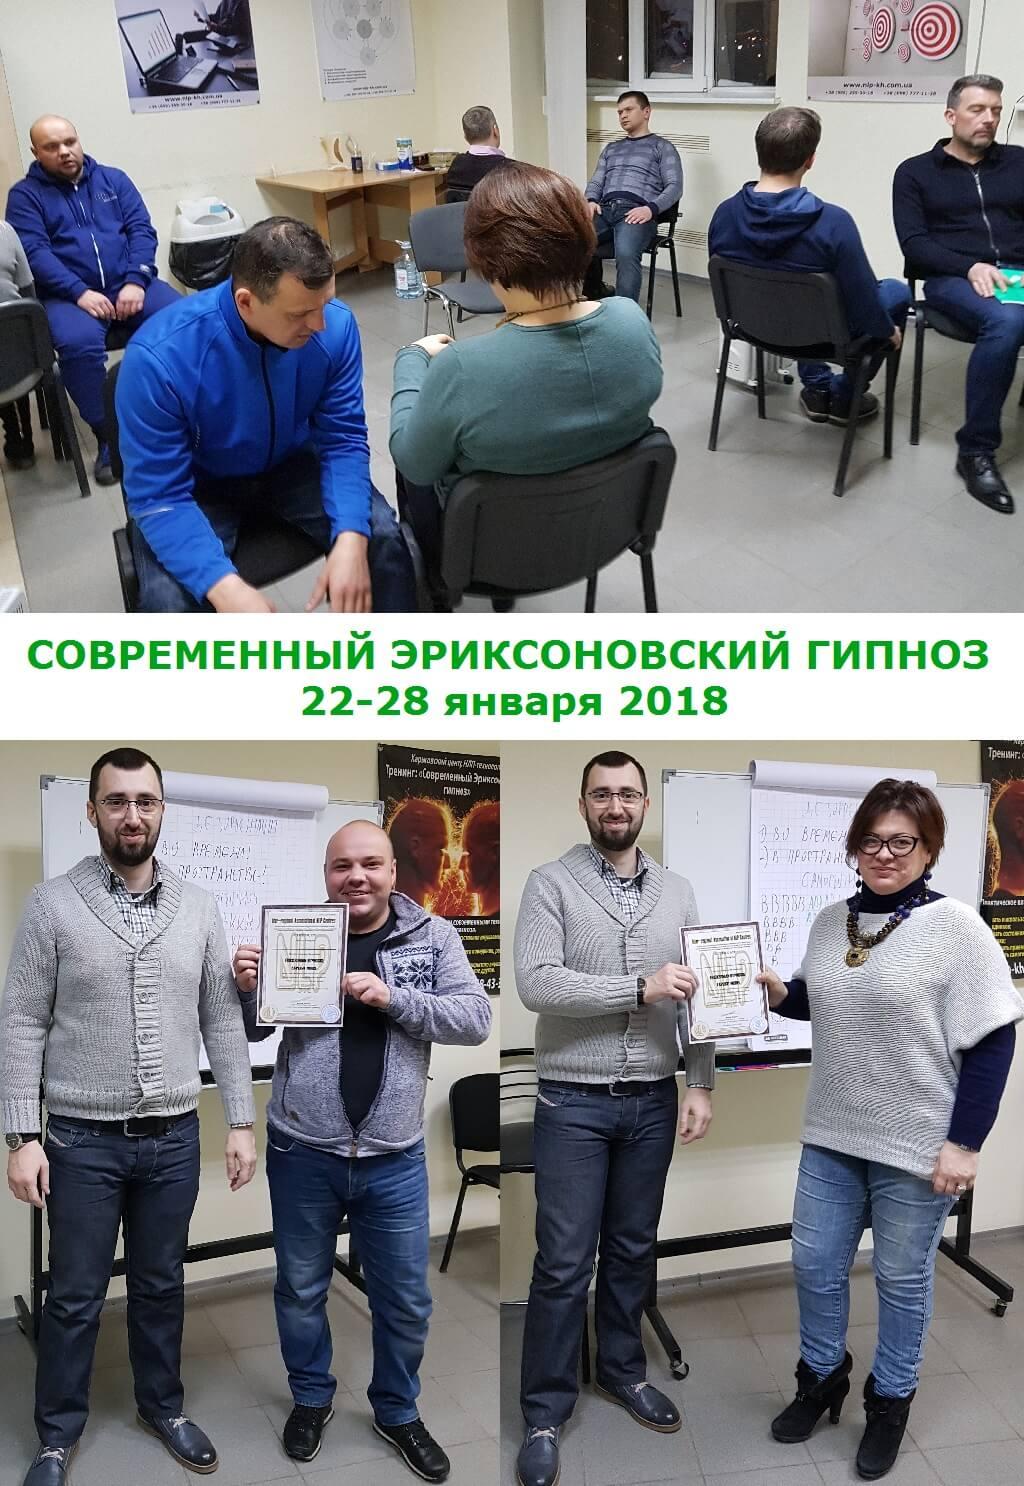 ericksonovskiy gipnoz kharkov 2018 01